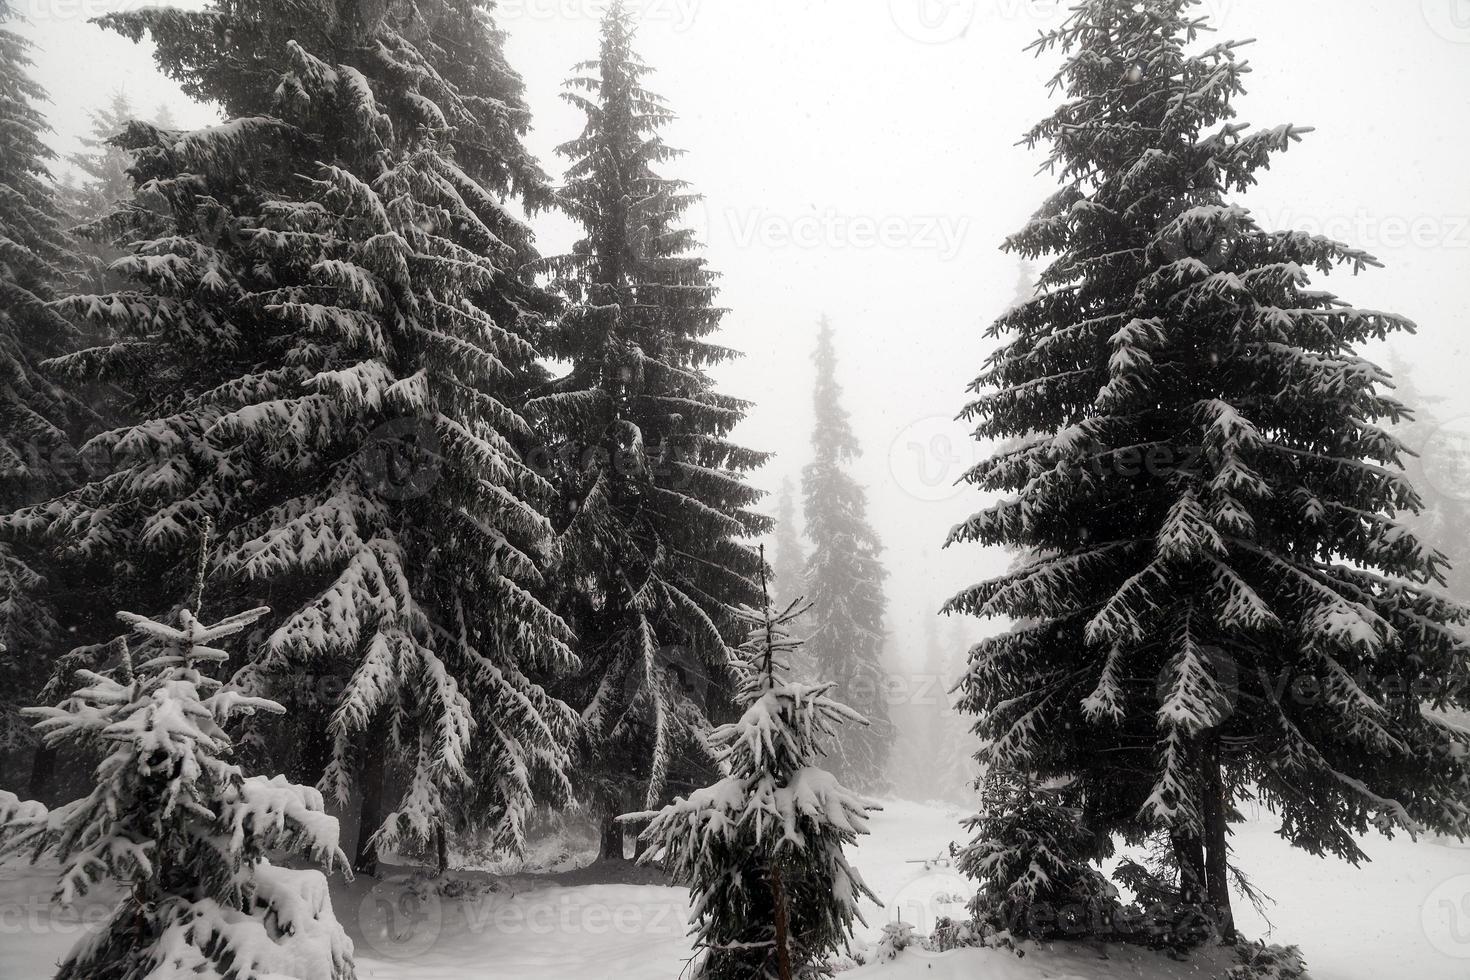 Fichtennebelwald bedeckt von Schnee in der Winterlandschaft. foto